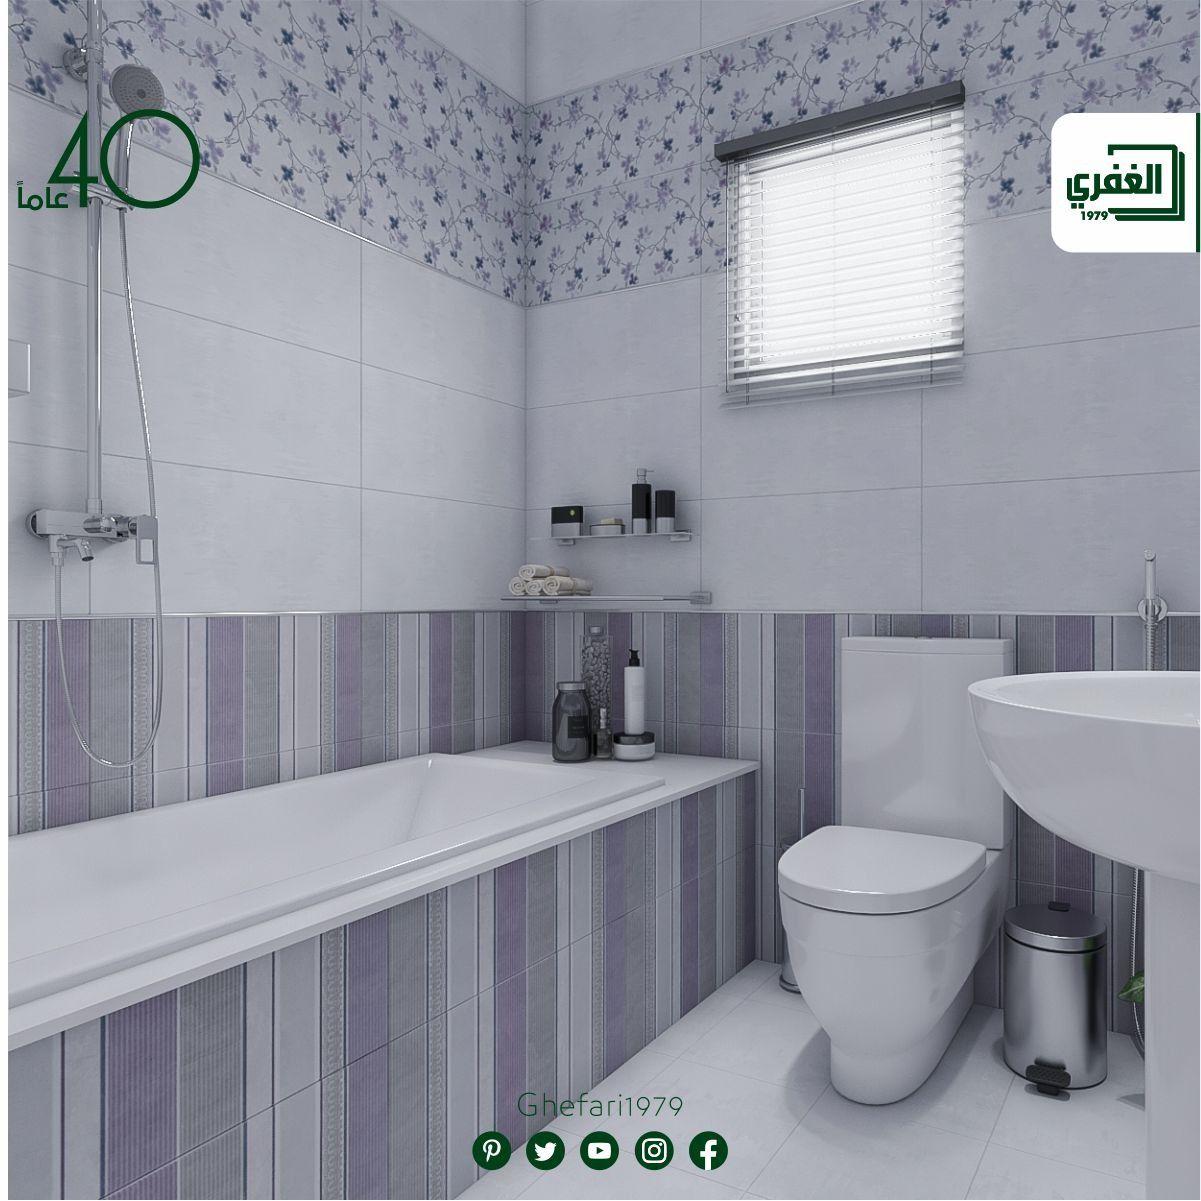 2019 بلاط للاستخدام داخل الحمامات والمطابخ للمزيد زورونا على موقع الشركة Https Www Ghefari Com Ar Grace Https Www Ghefari Bathtub Bathroom Alcove Bathtub